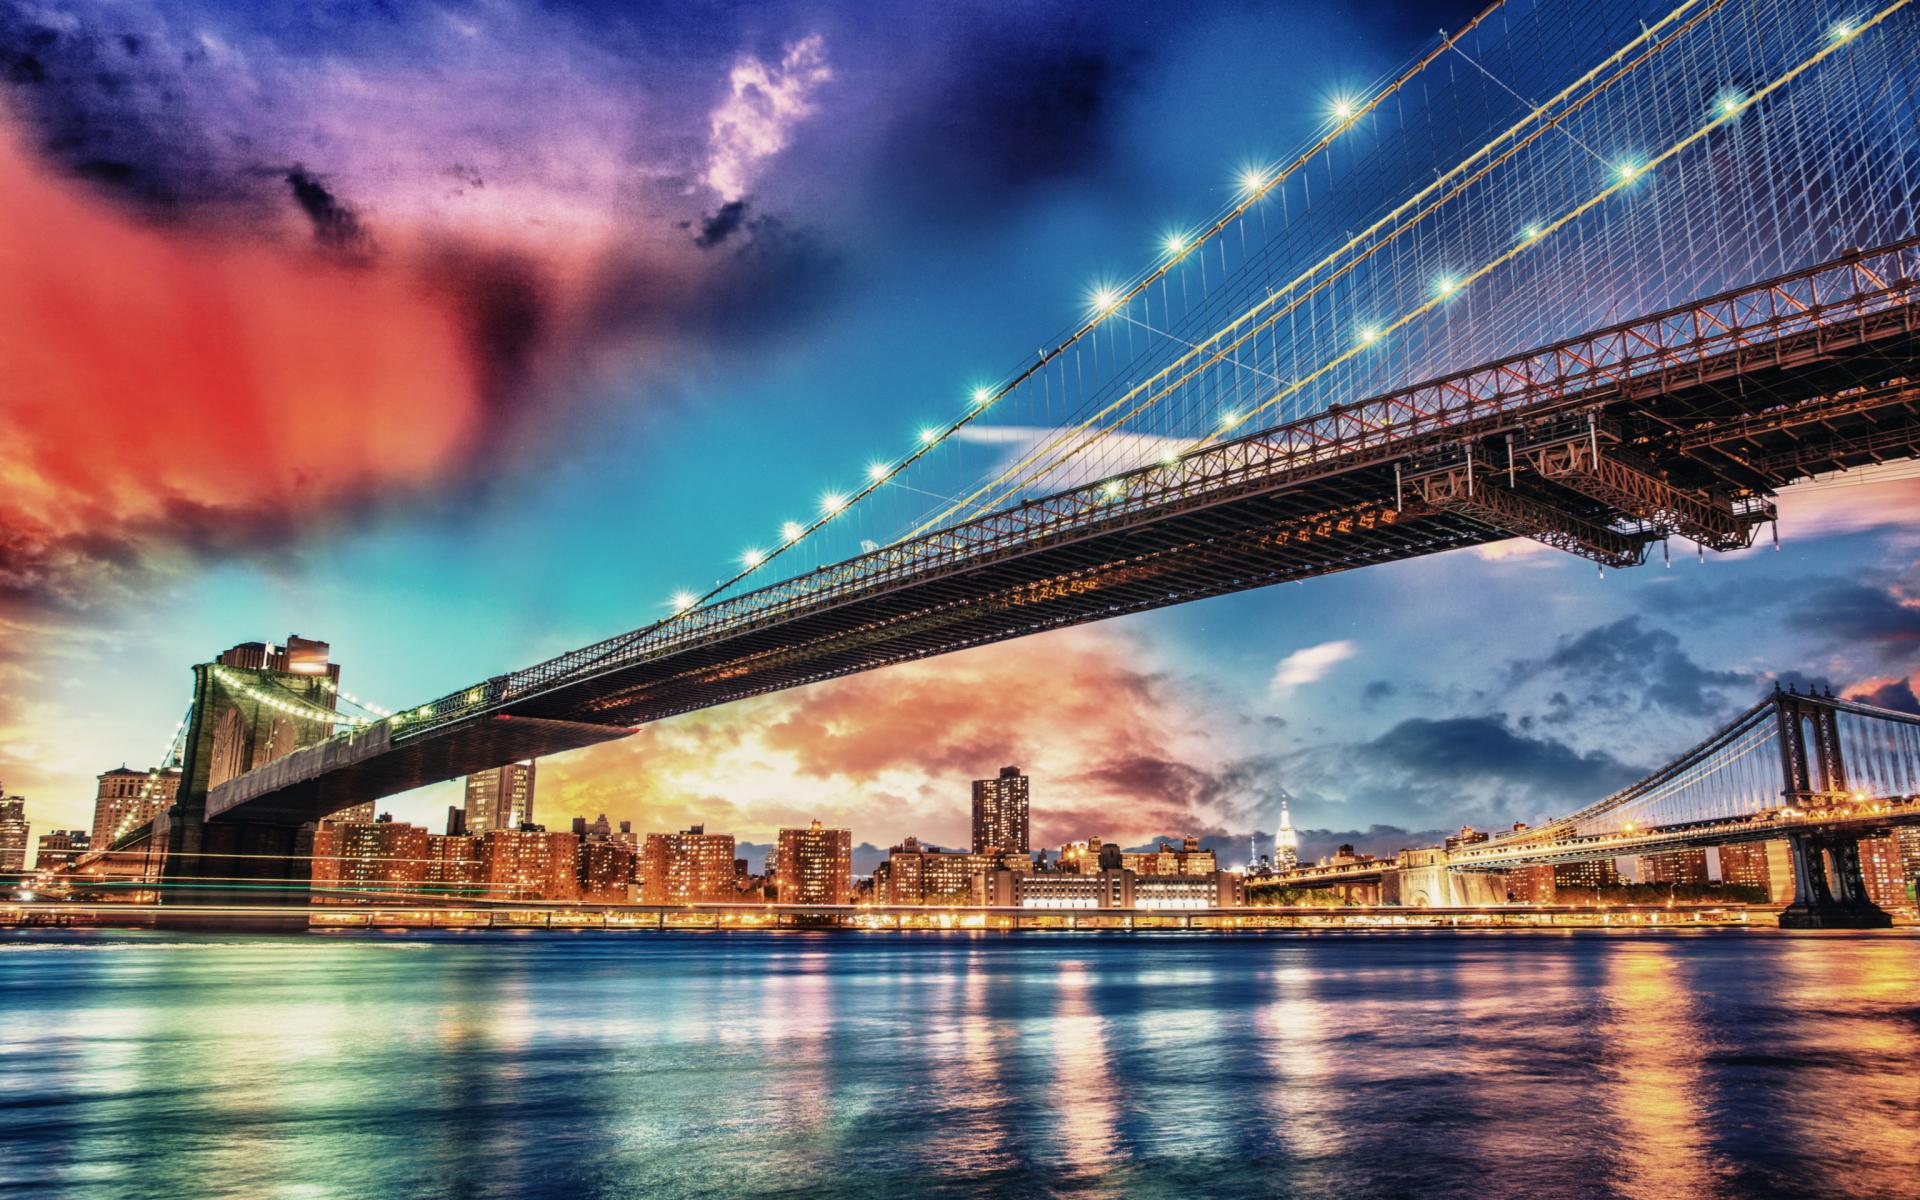 New york fondos de pantalla gratis para widescreen for Fondos de escritorio full hd